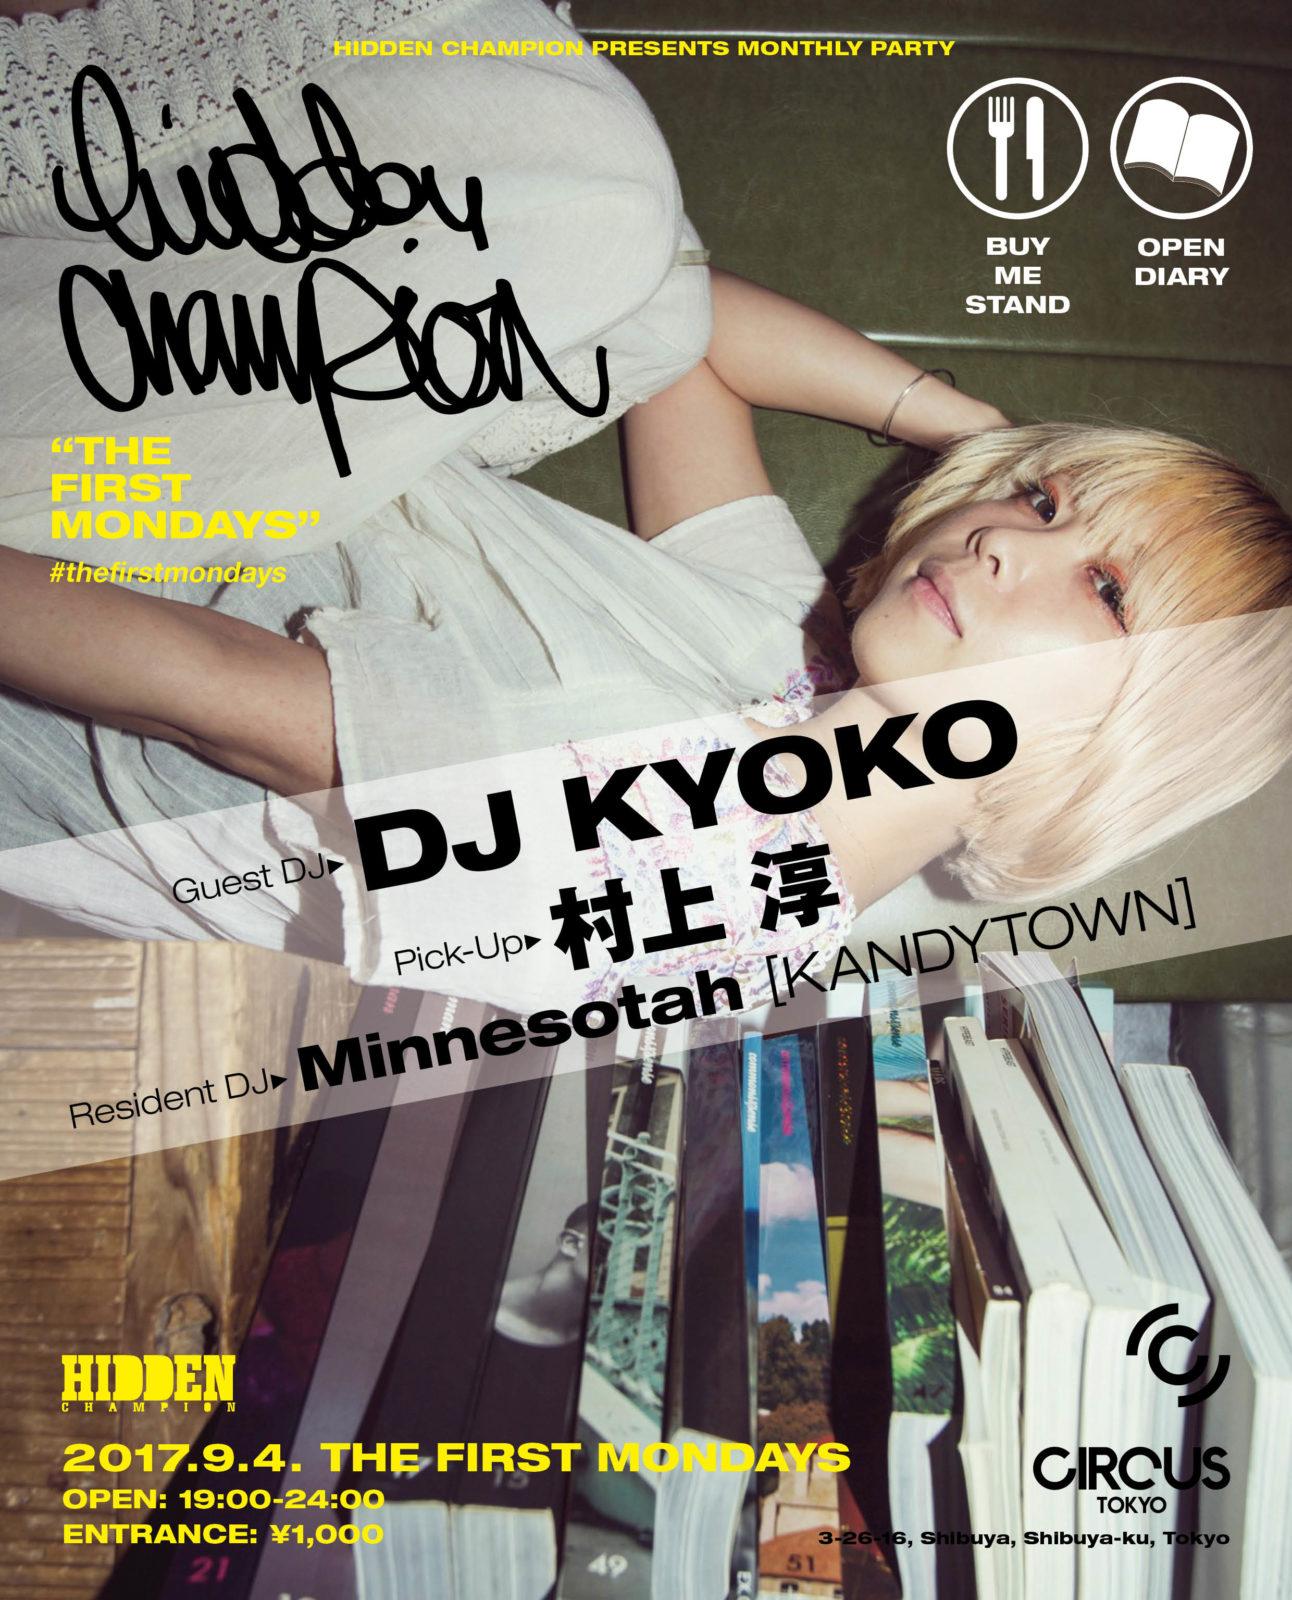 マンスリーイベント「THE FIRST MONDAYS」第4弾に、DJ KYOKOが参戦サムネイル画像